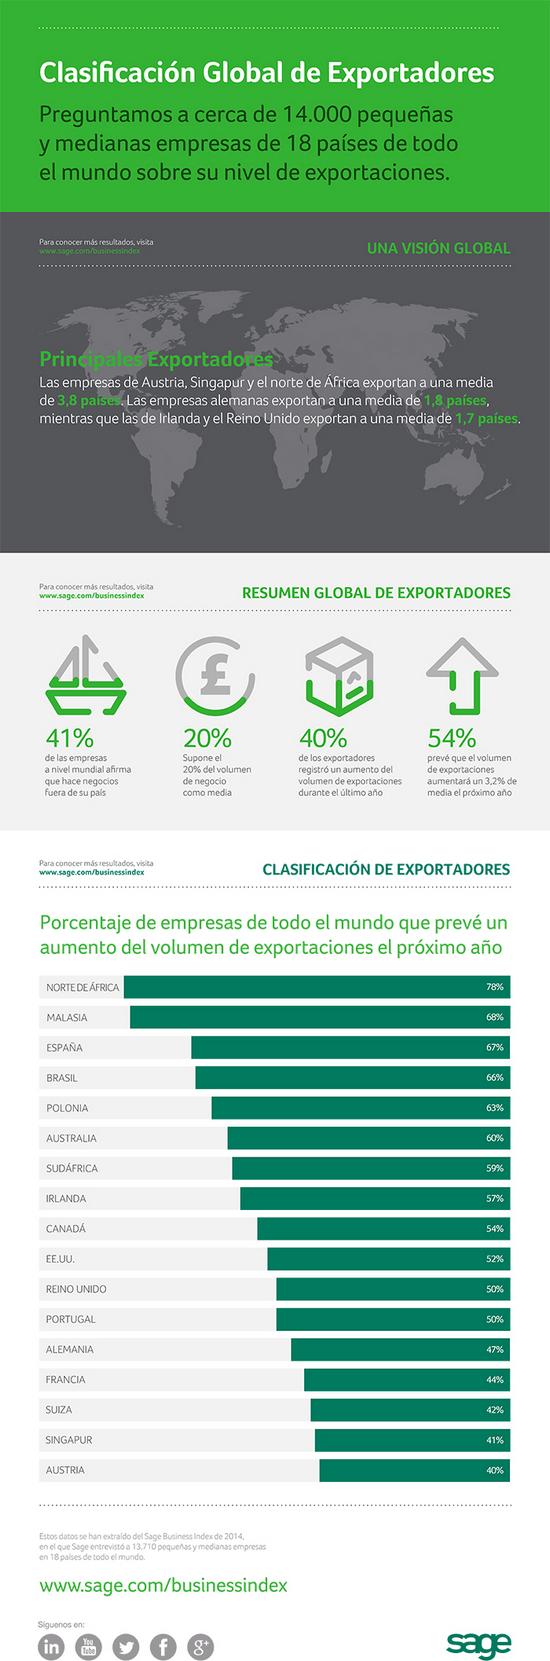 Cómo son las pymes exportadoras españolas